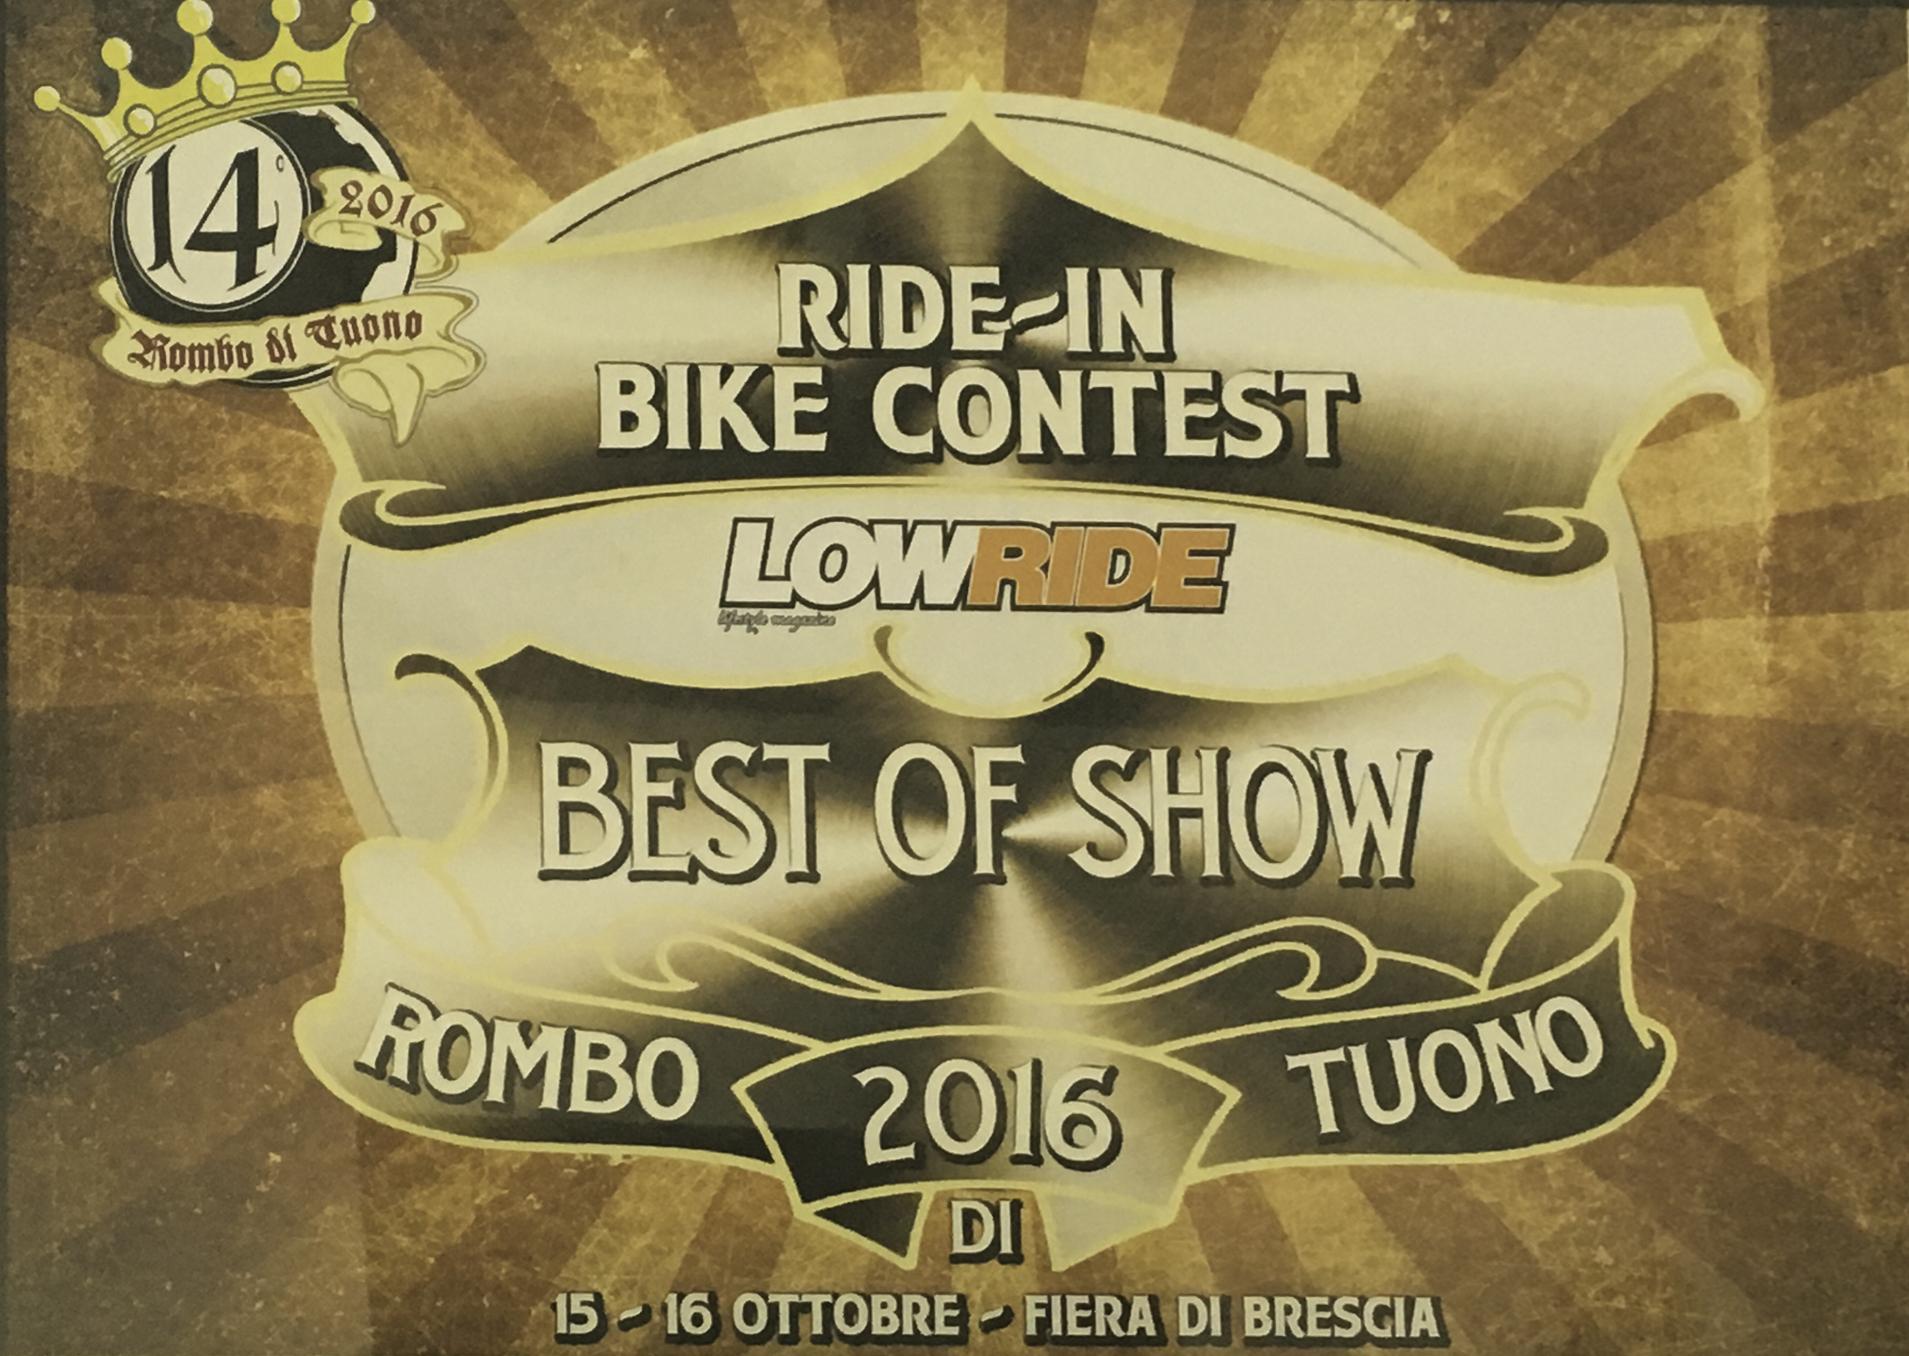 VMcycles LowRide Rombo di Tuono